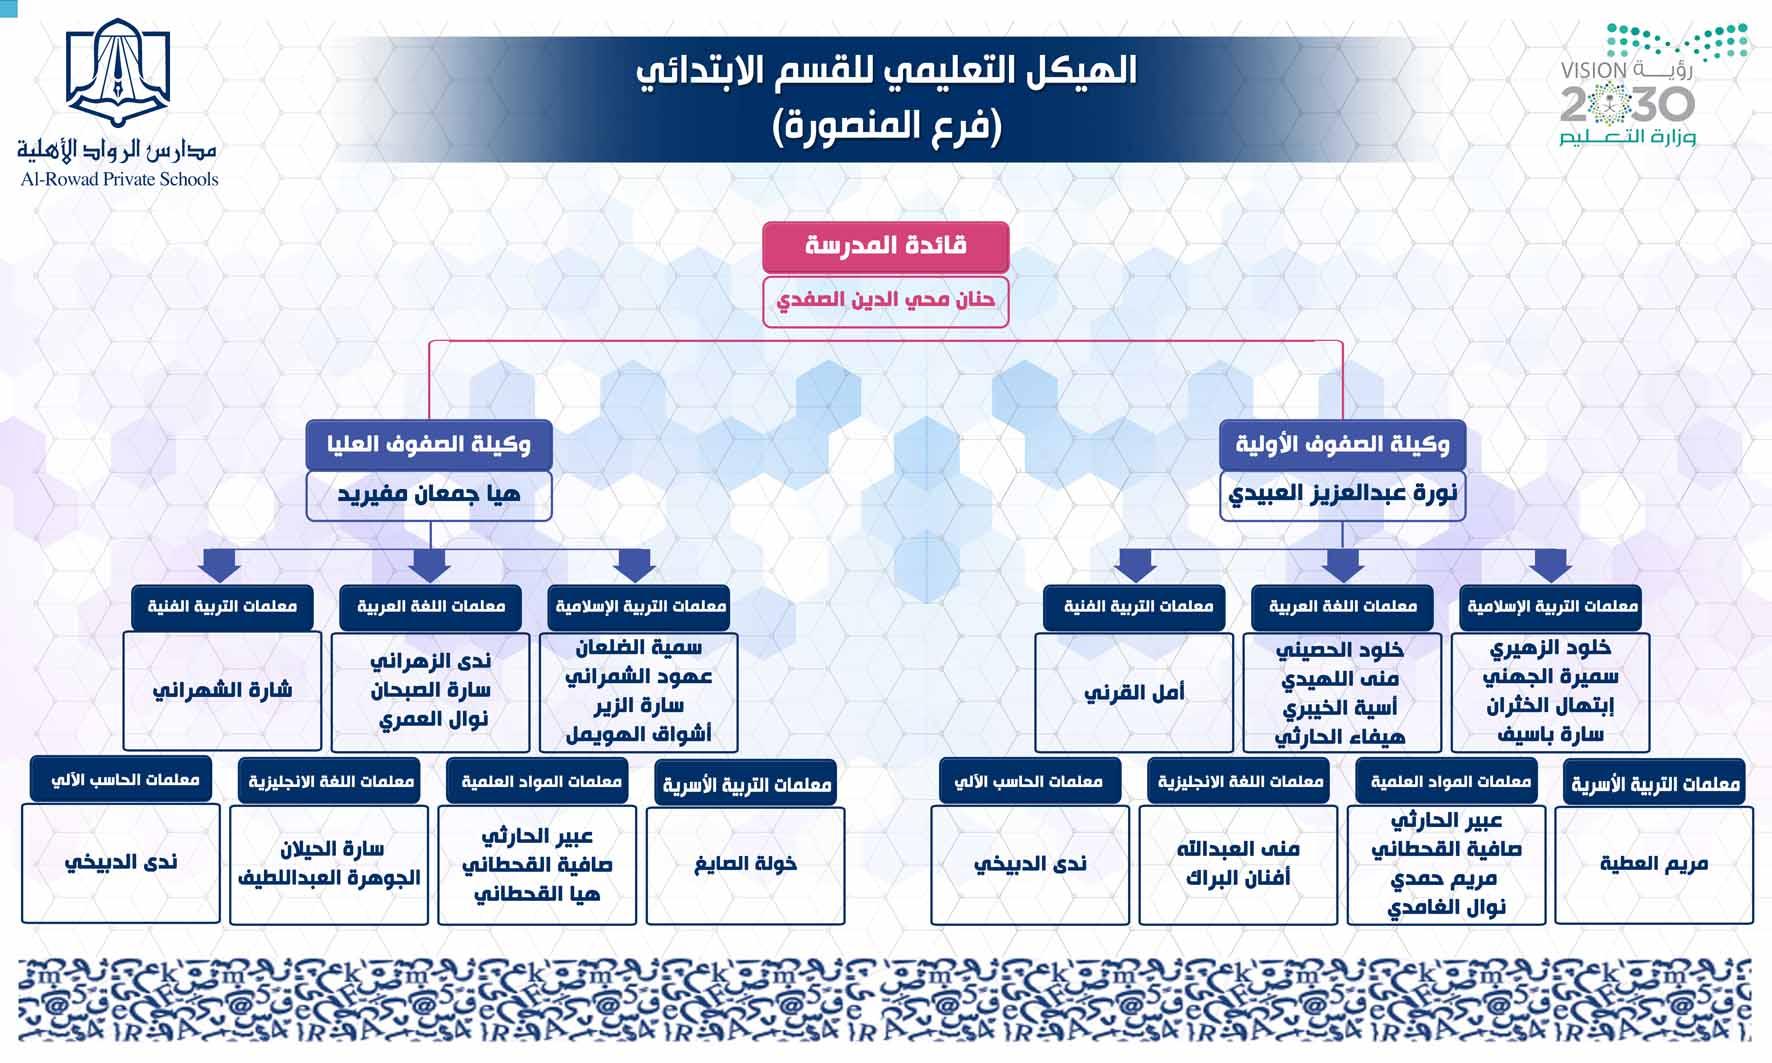 الهيئة التعليمية للقسم الابتدائي بنات 2019